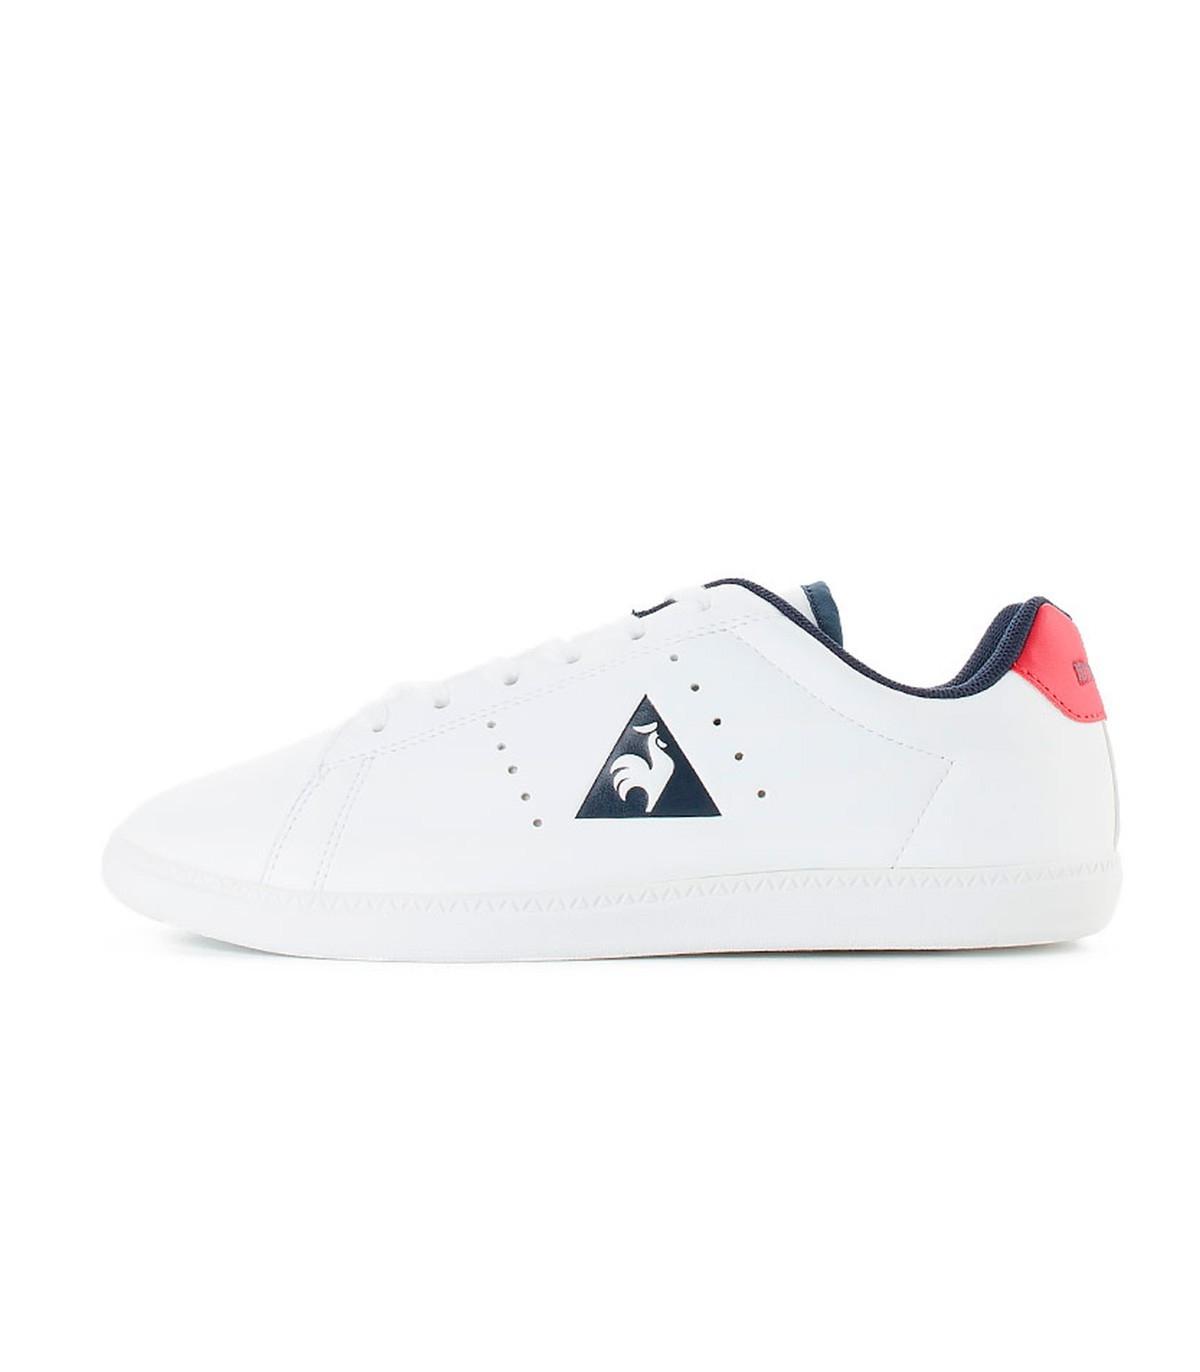 Le Coq Enfant Blanche Sportif Chaussures Buy ZSqTwAff